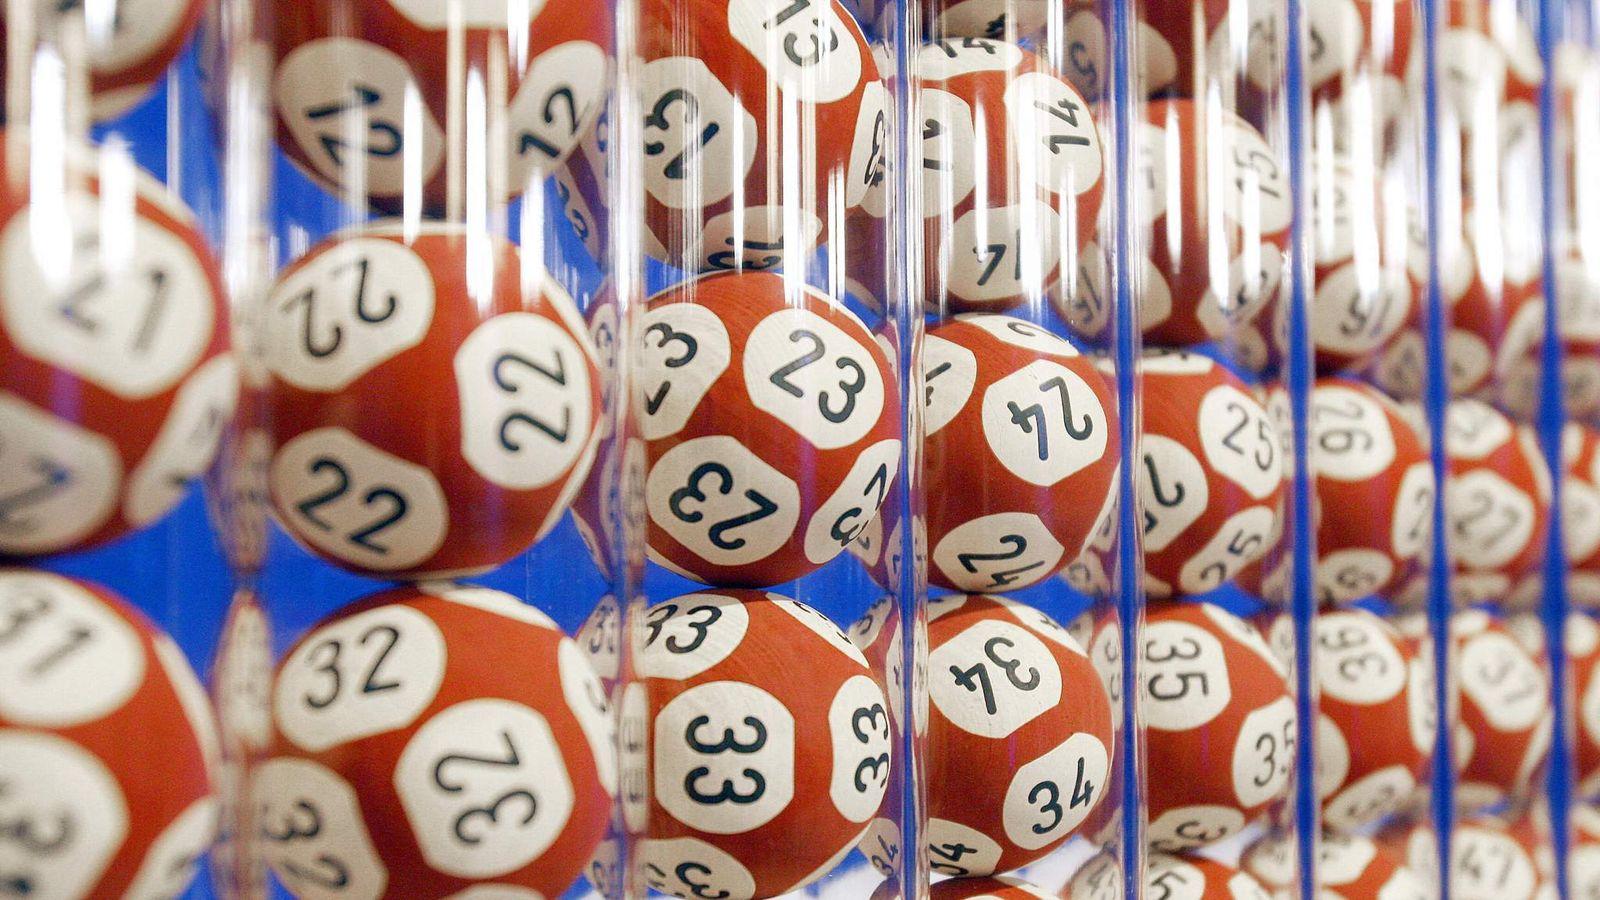 Заговоры на выигрыш в лотерее — какие самые лучшие новые фото